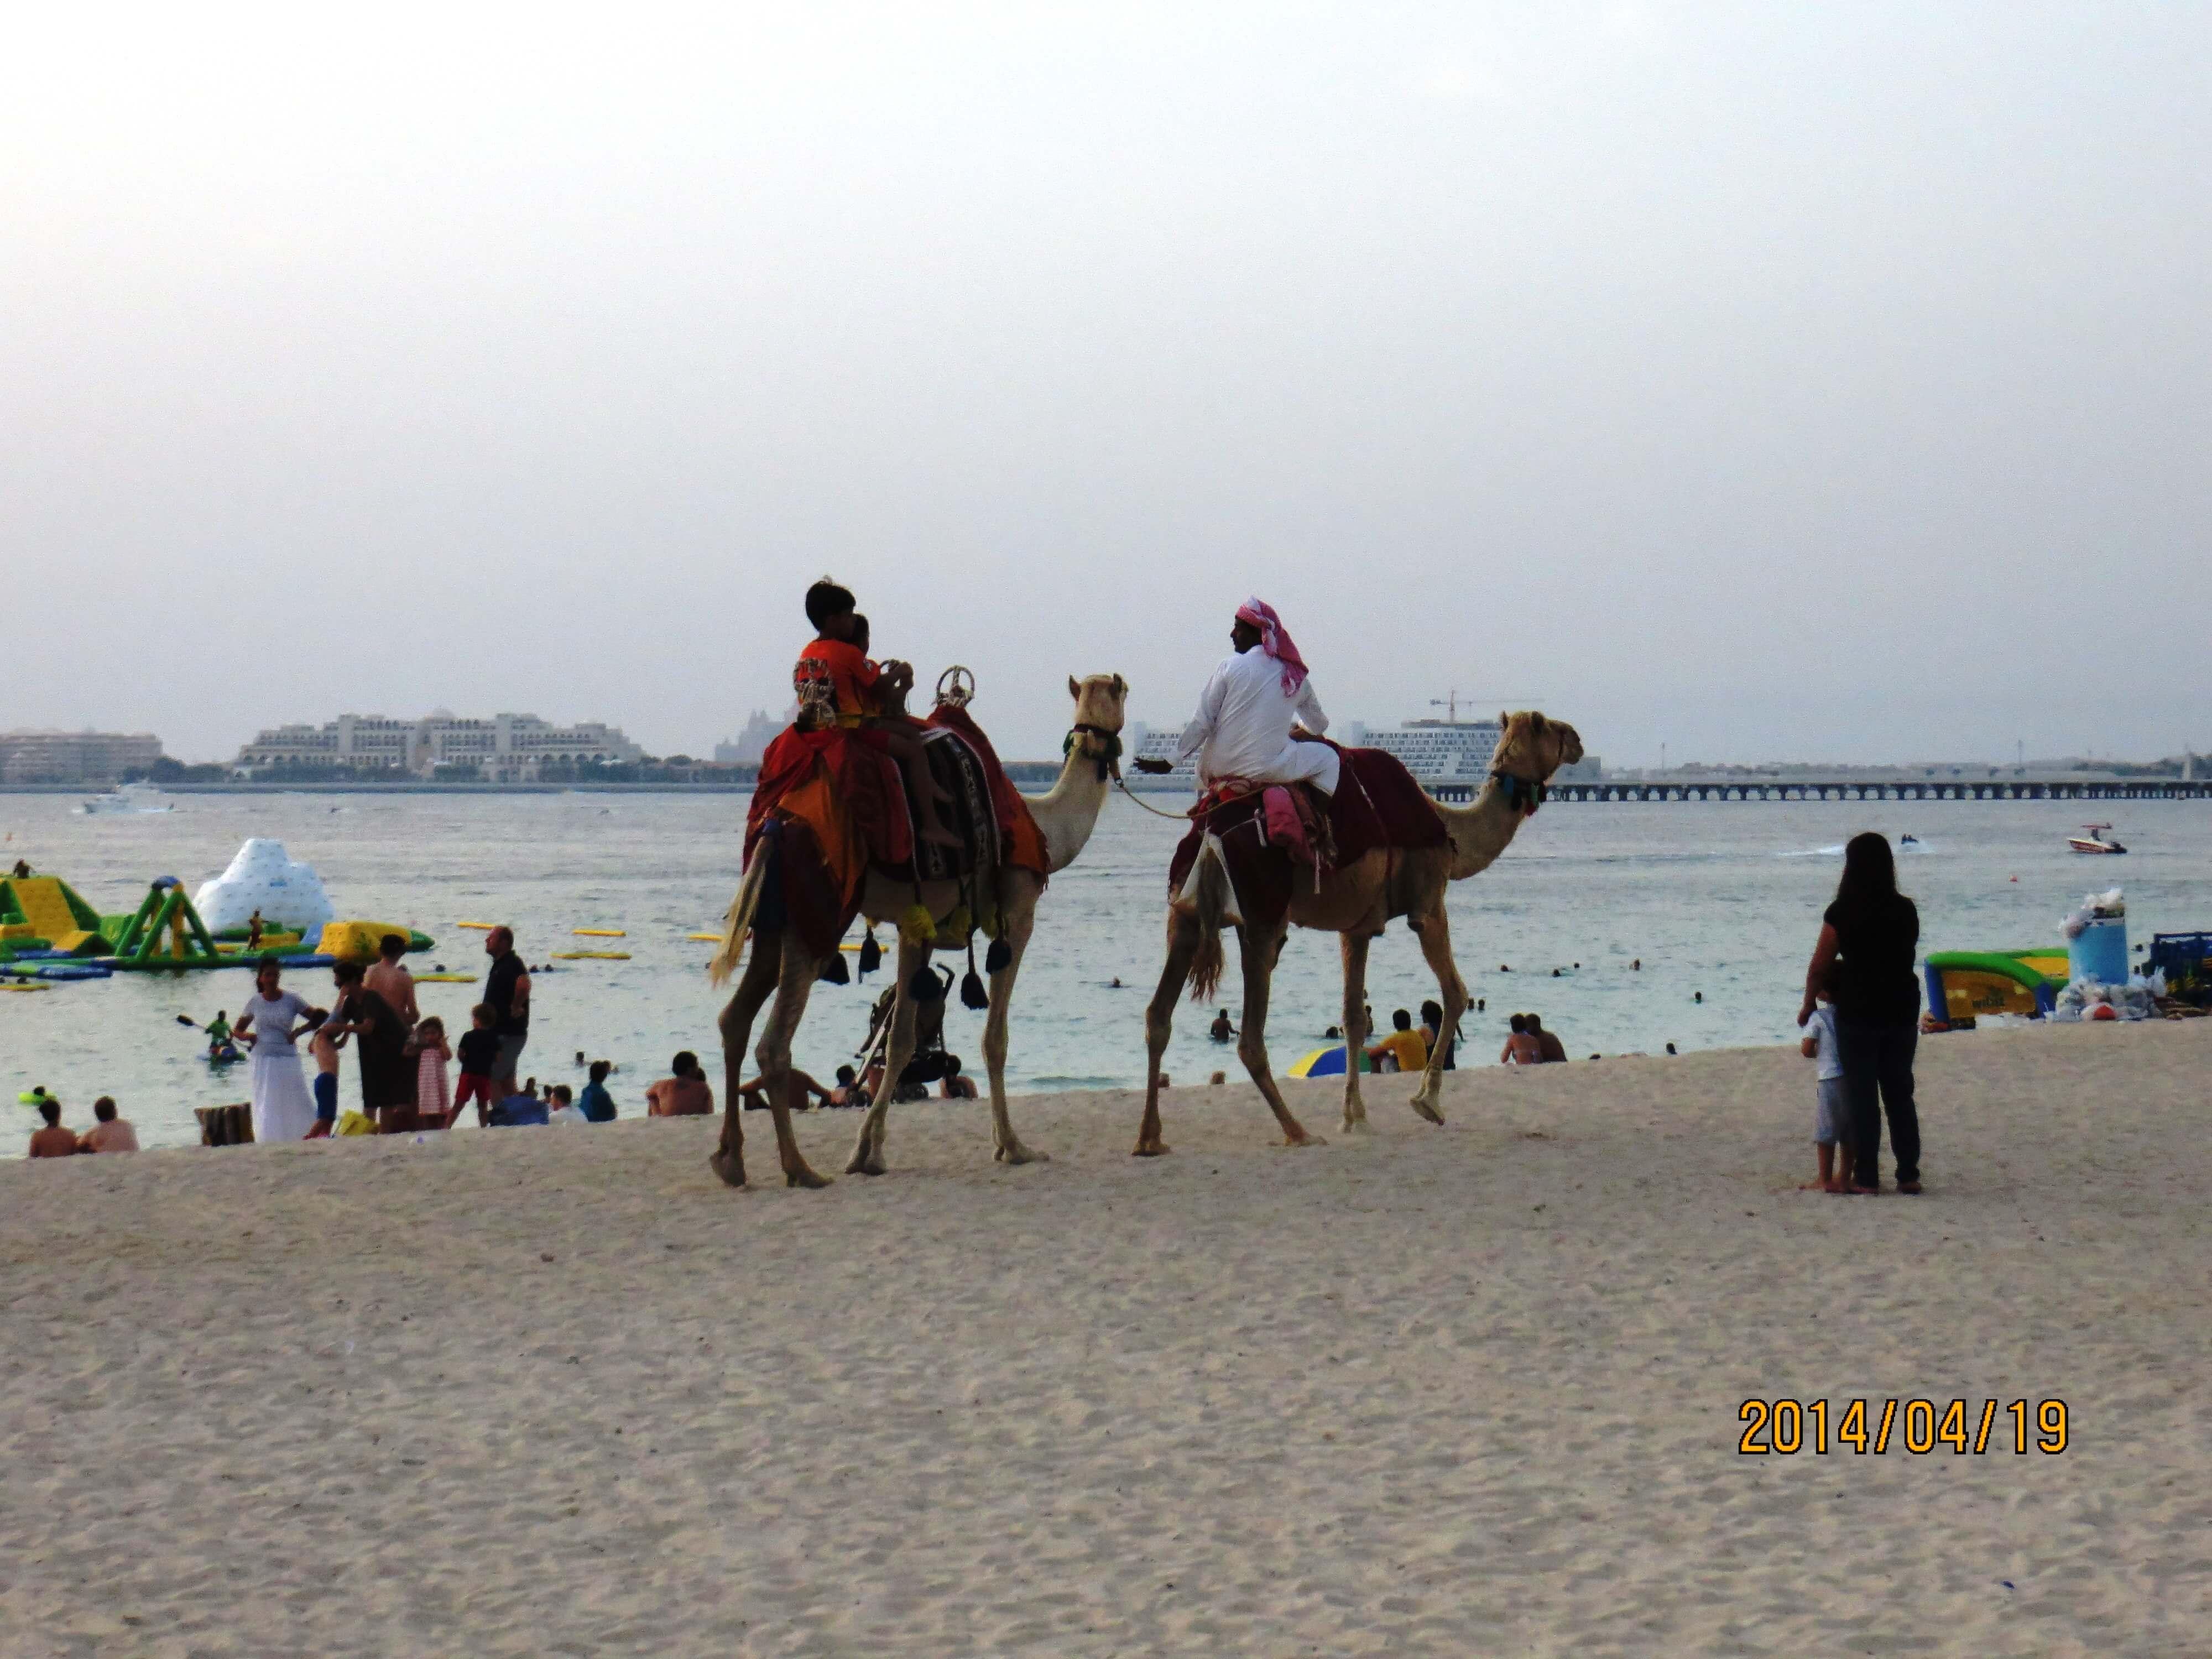 Showing Xxx Images For Arab Hotel Xxx  Wwwfuckpixclub-5683